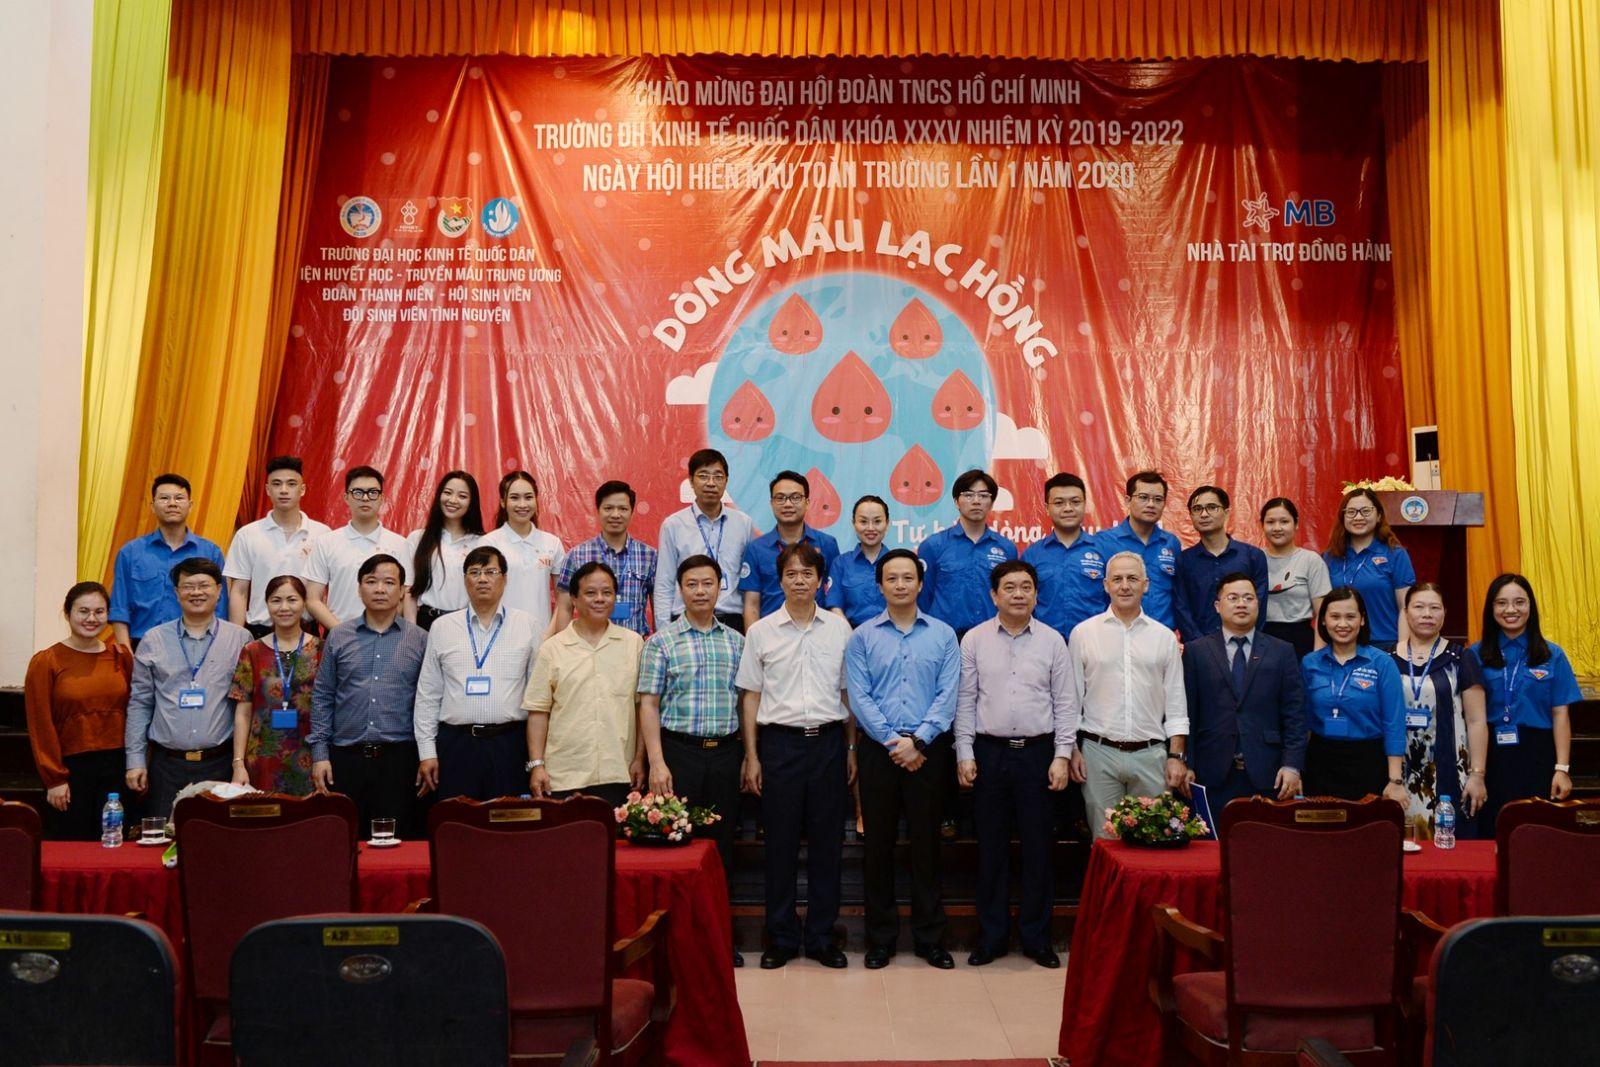 Phát động chương trình Hiến máu nhân đạo lần thứ I năm 2020 và Khai mạc triển lãm ảnh chào mừng Đại hội Đoàn TNCS Hồ Chí Minh Trường Đại học Kinh tế Quốc dân lần thứ XXXV